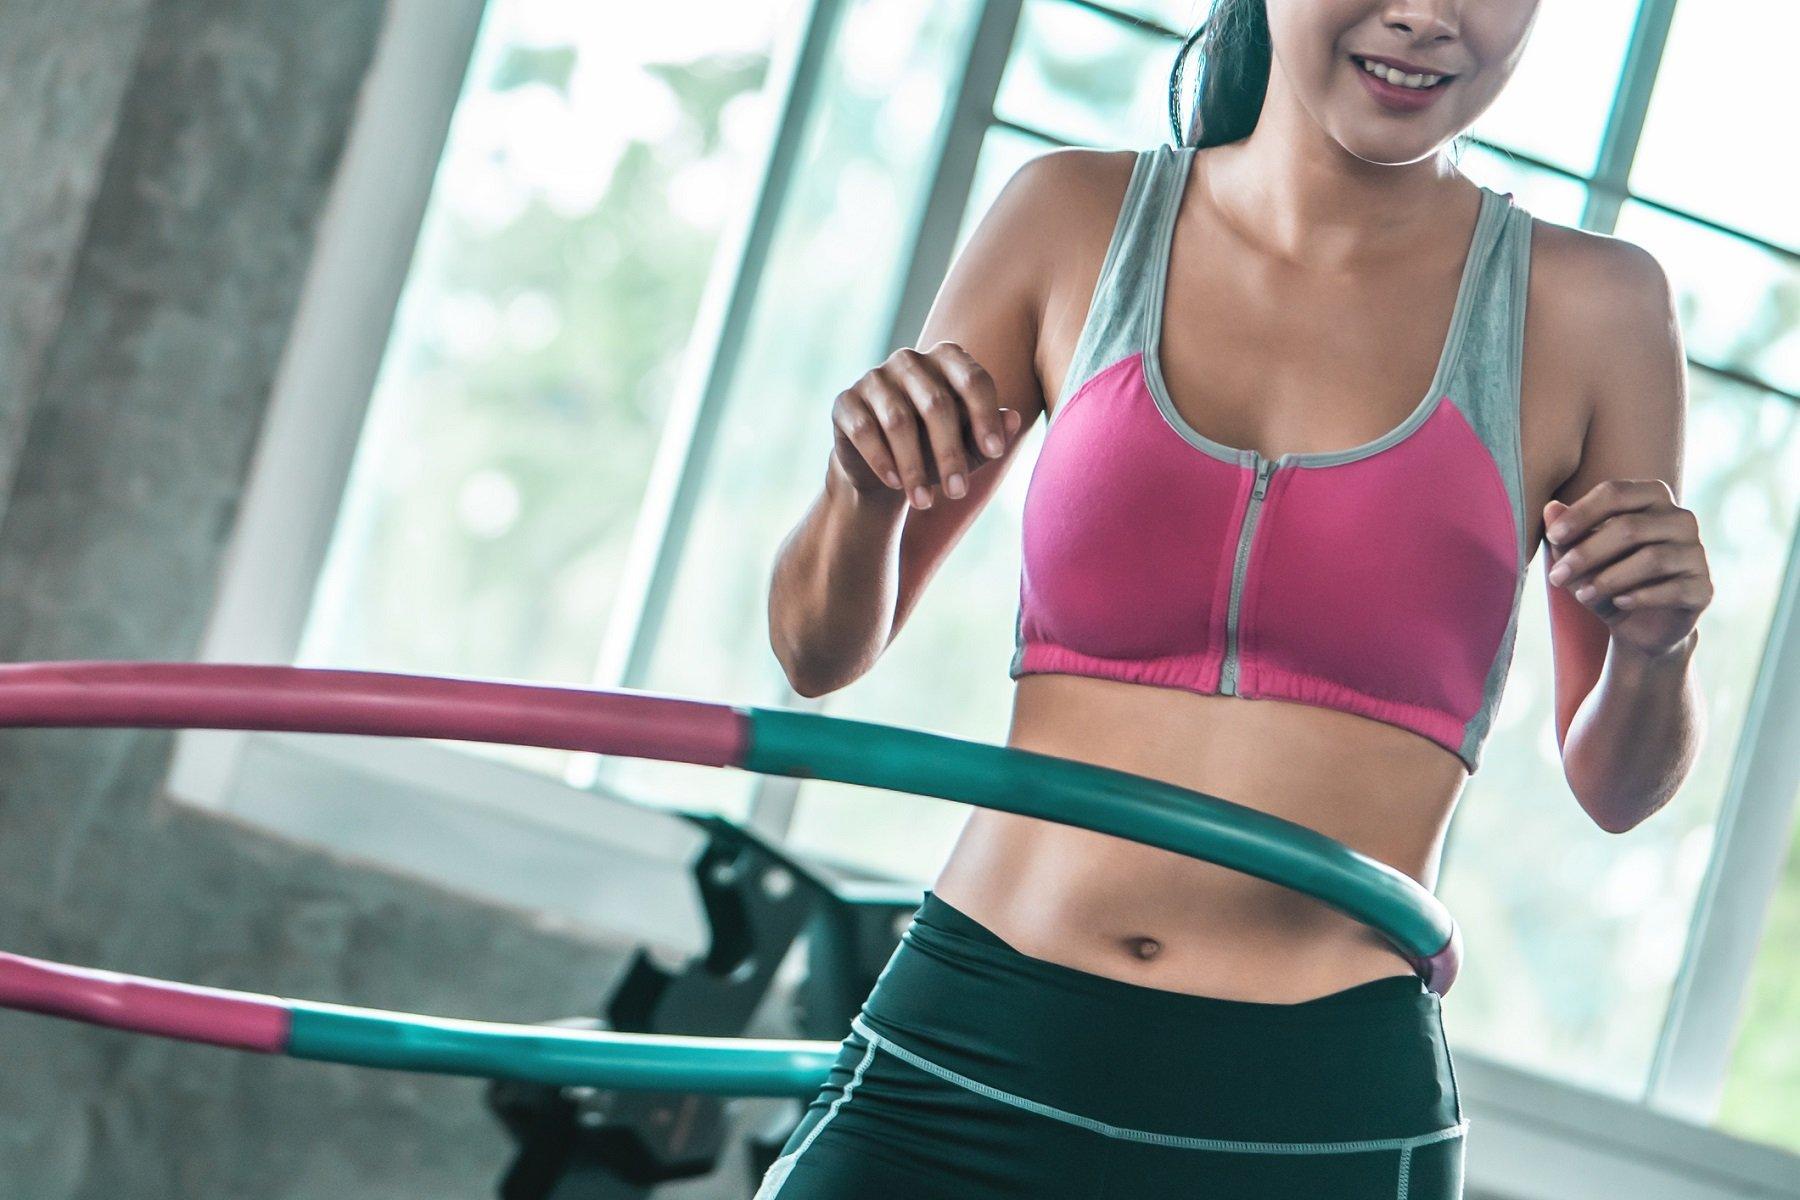 Rutina de Hula Hoop para el abdomen | Ejercicios, beneficios y consejos